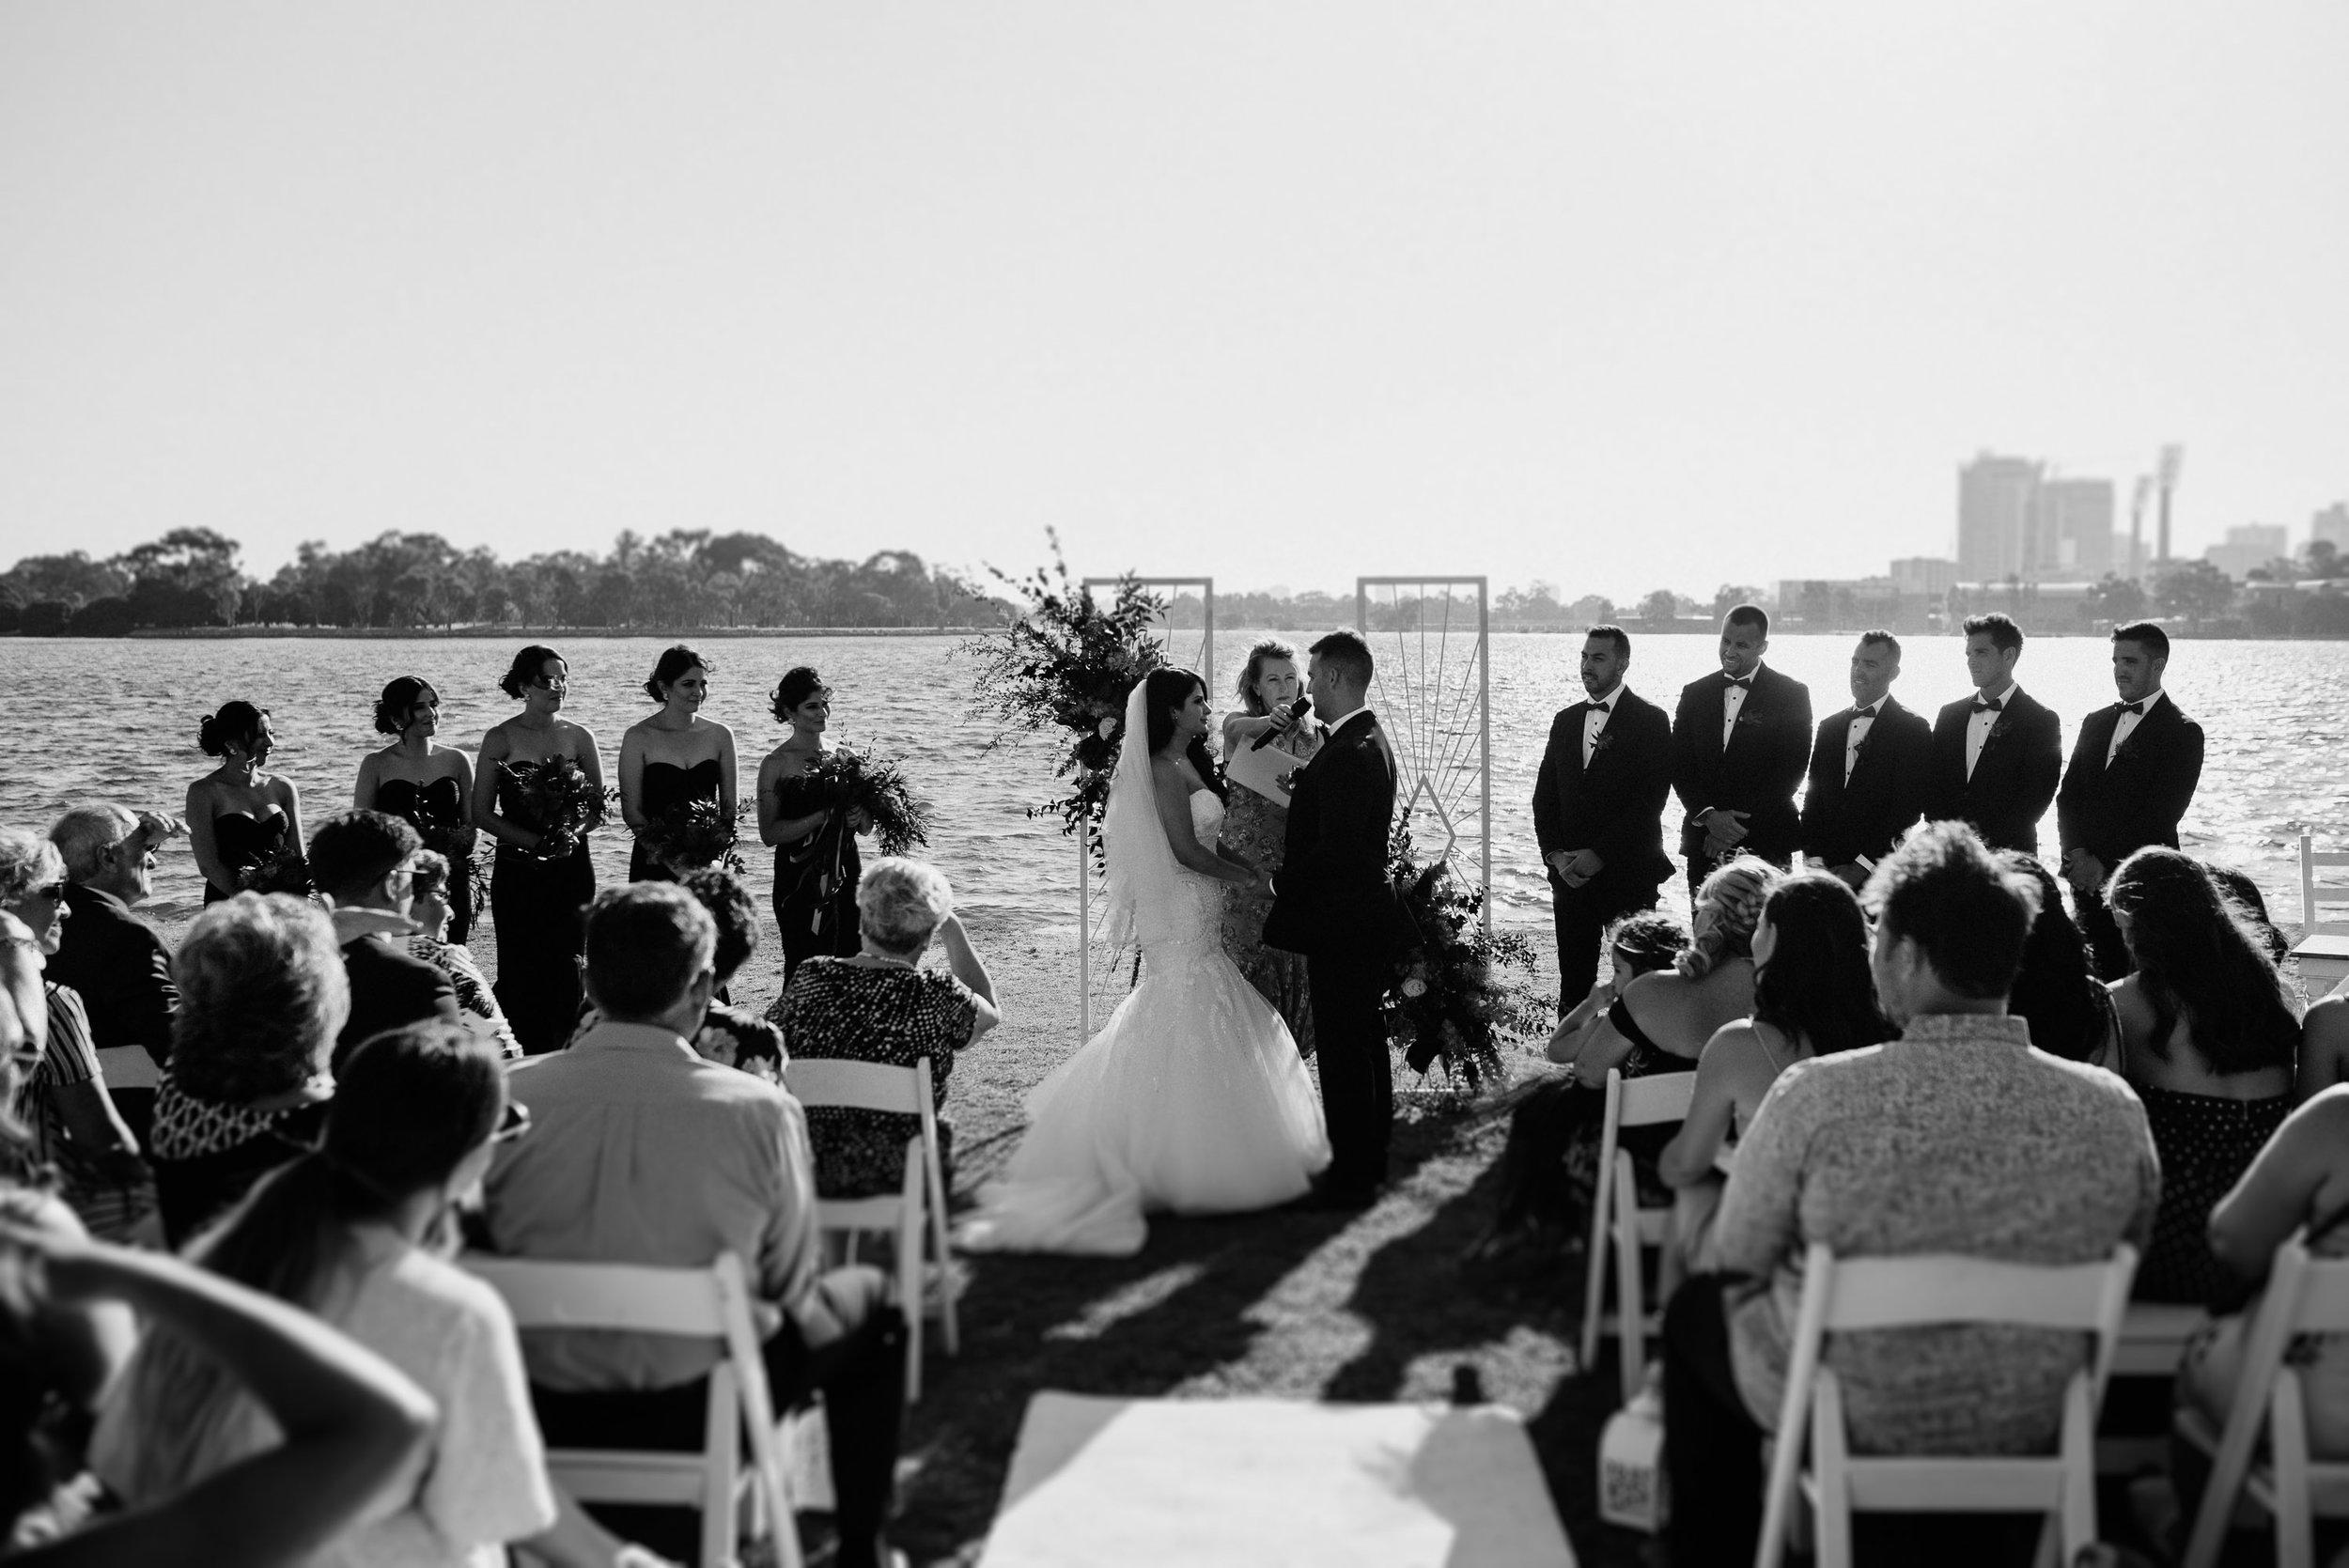 liz-adin-burswood-swan-wedding-sneaks-22.JPG